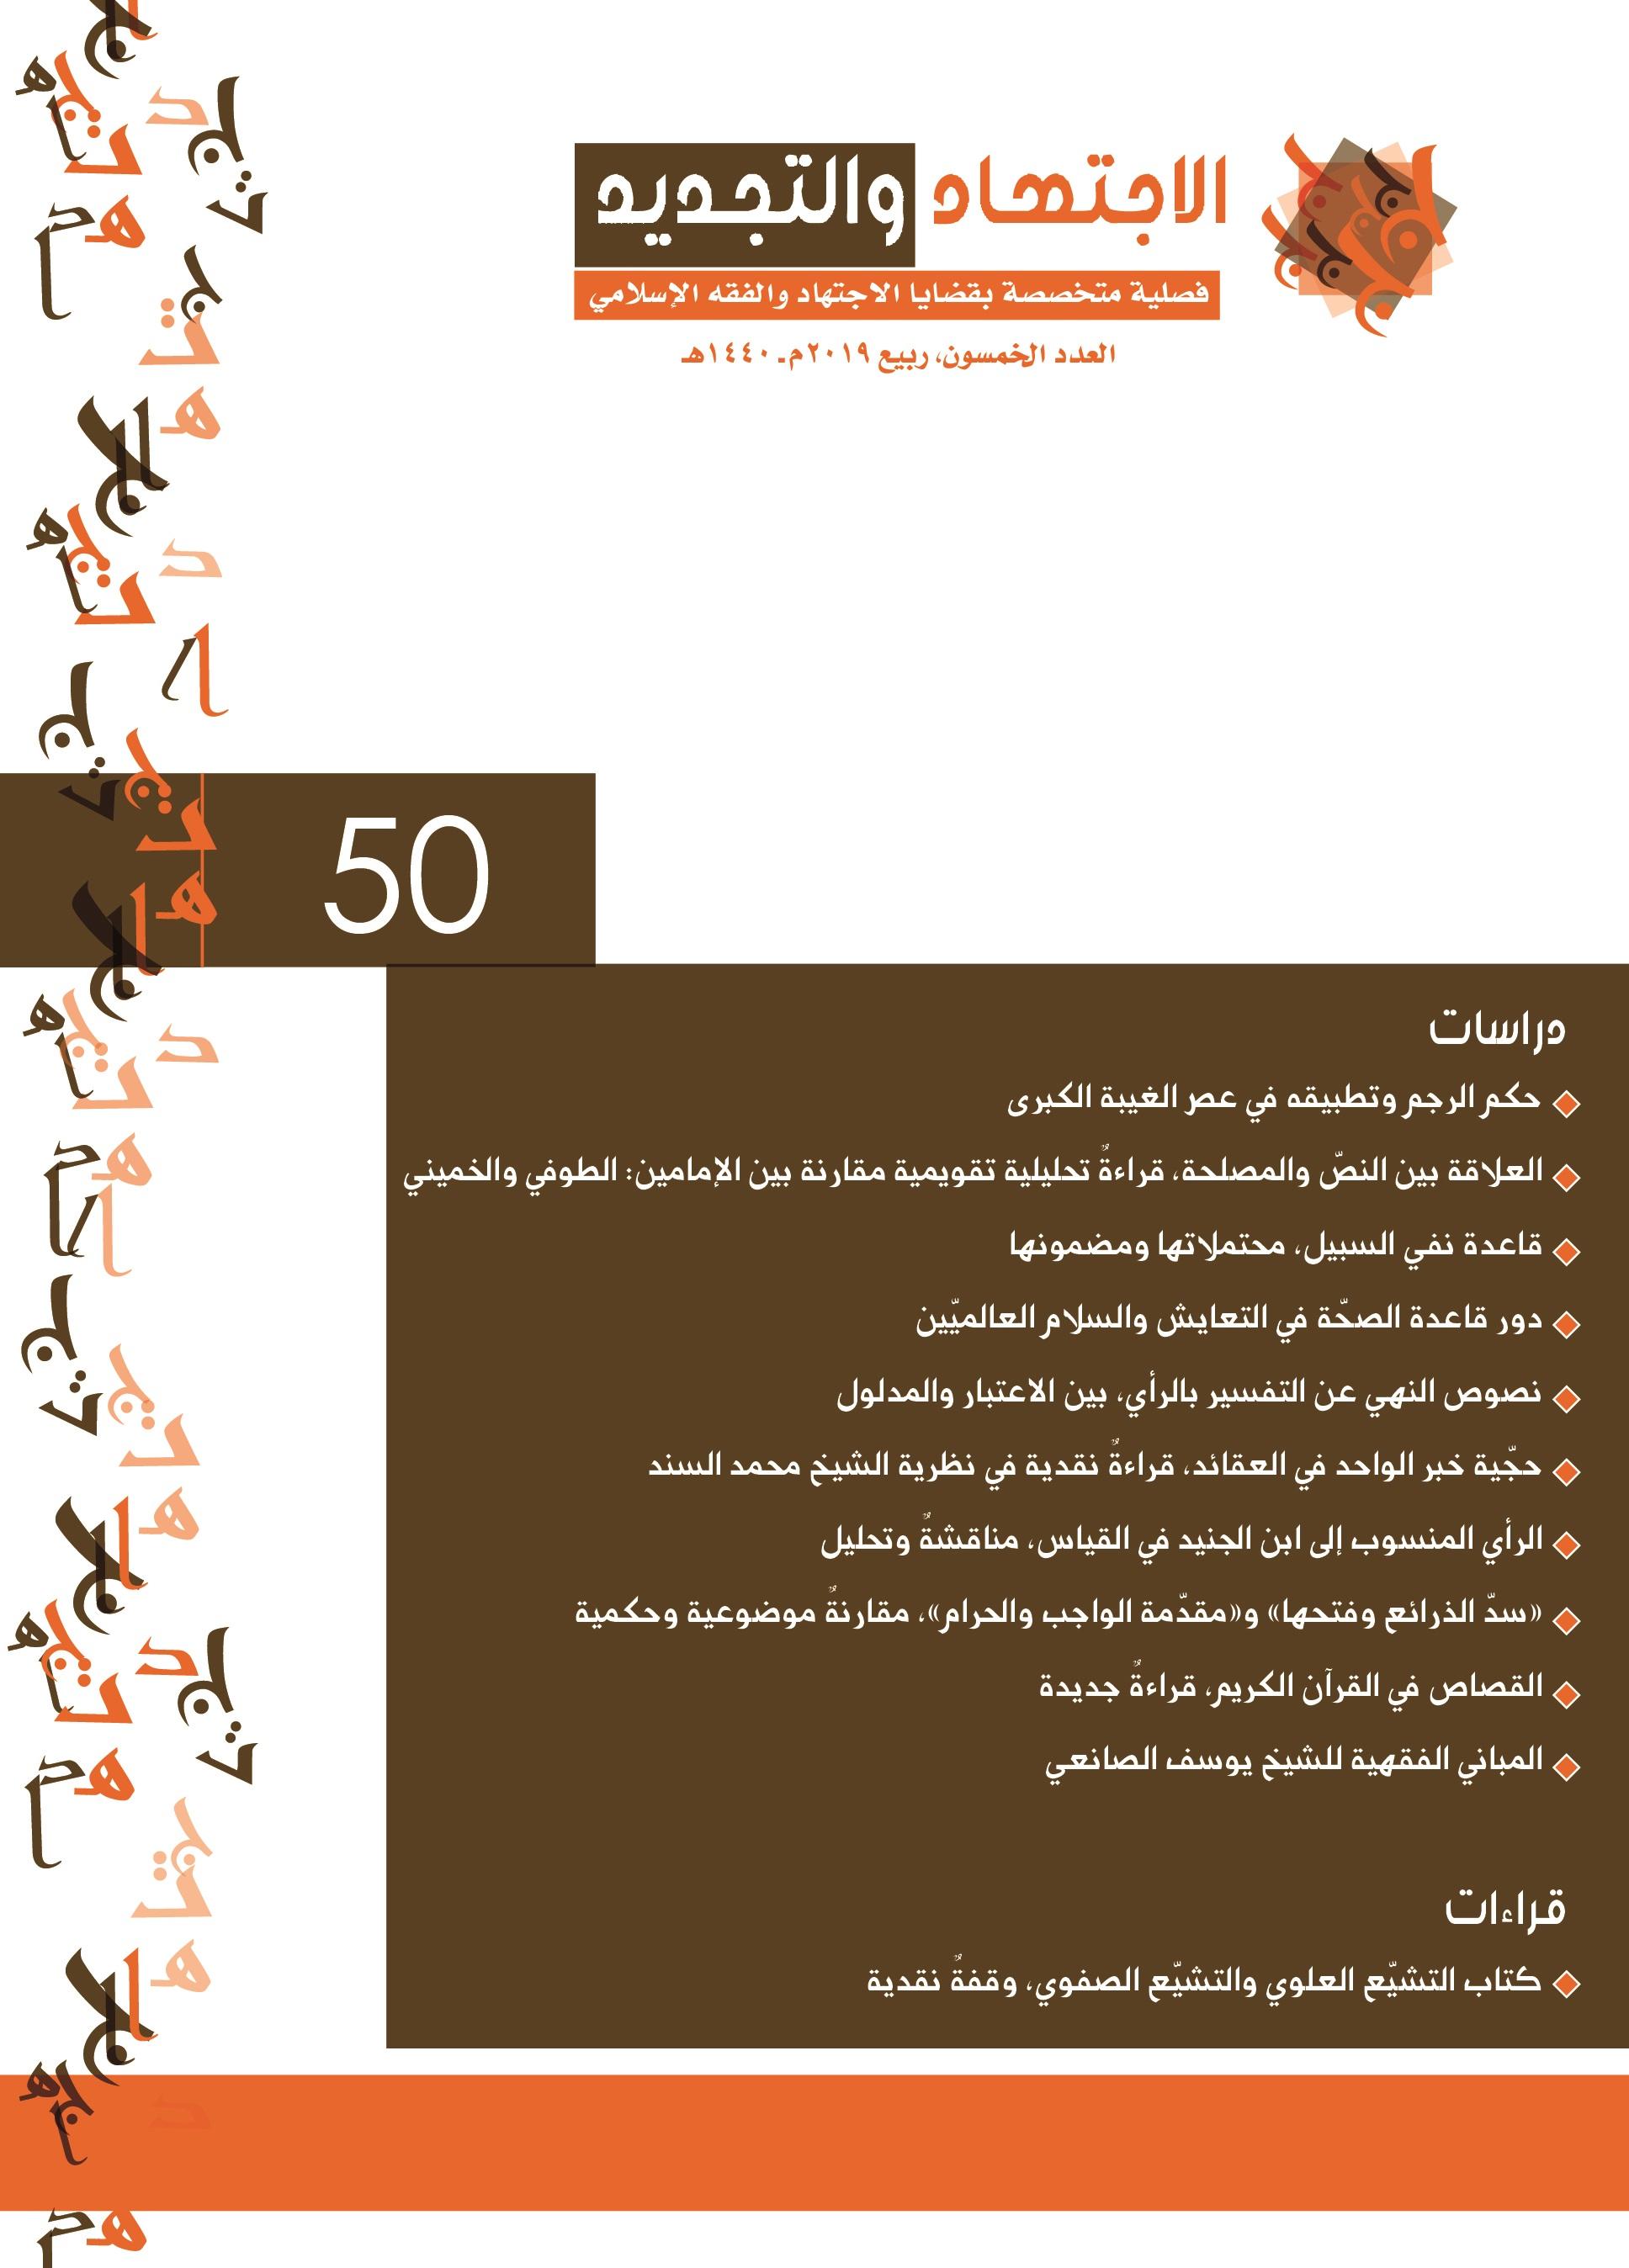 صدور العدد 50 من مجلّة «الاجتهاد والتجديد»